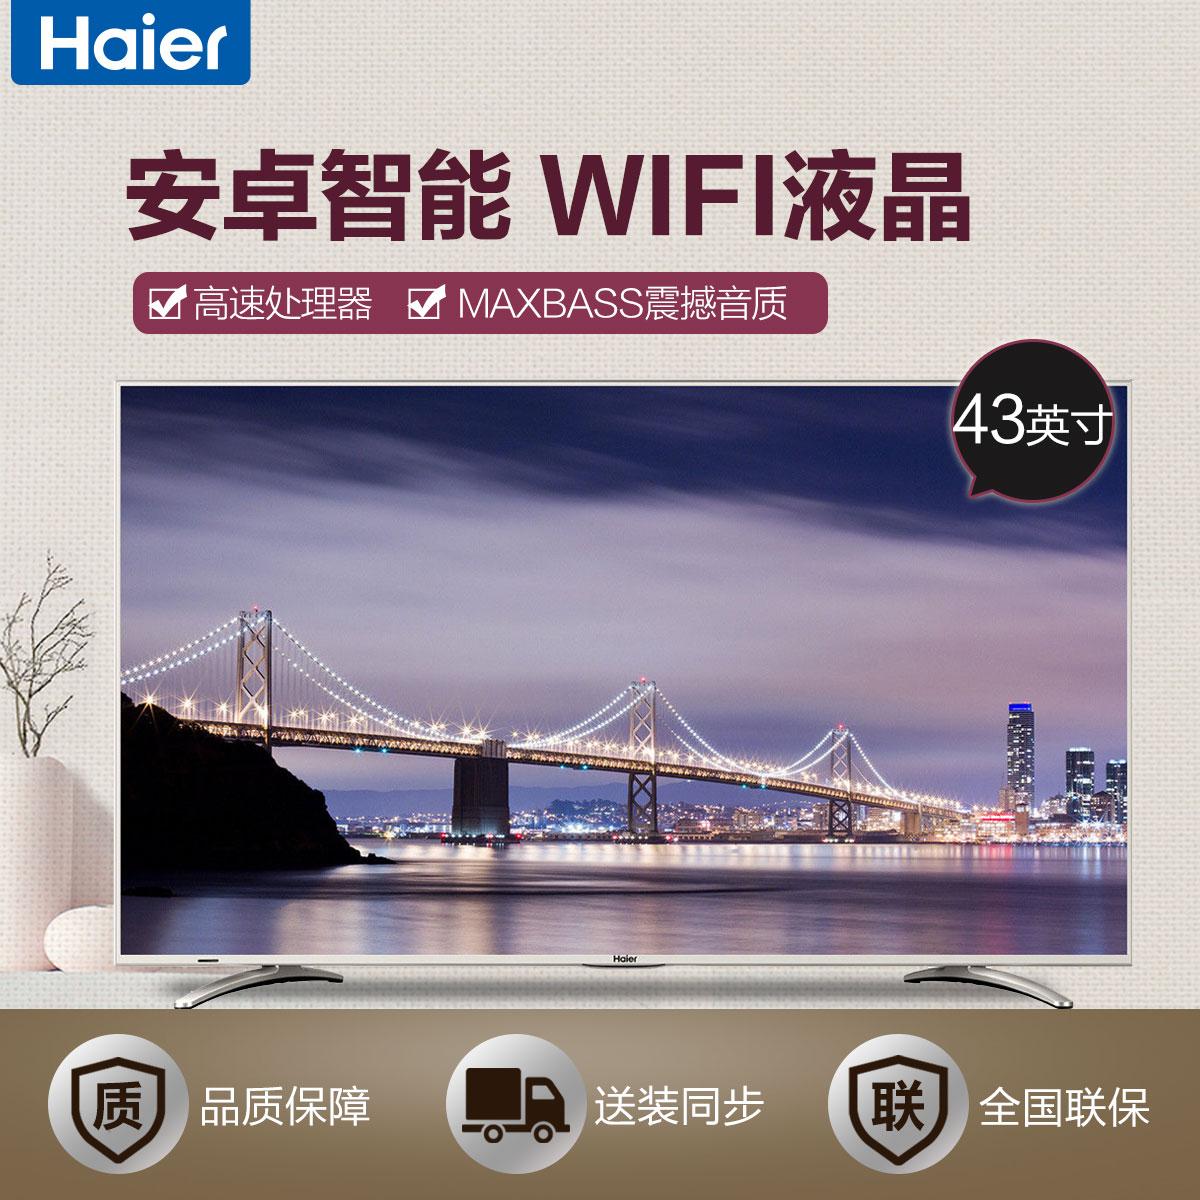 Haier/海尔 智能电视 LE43A31